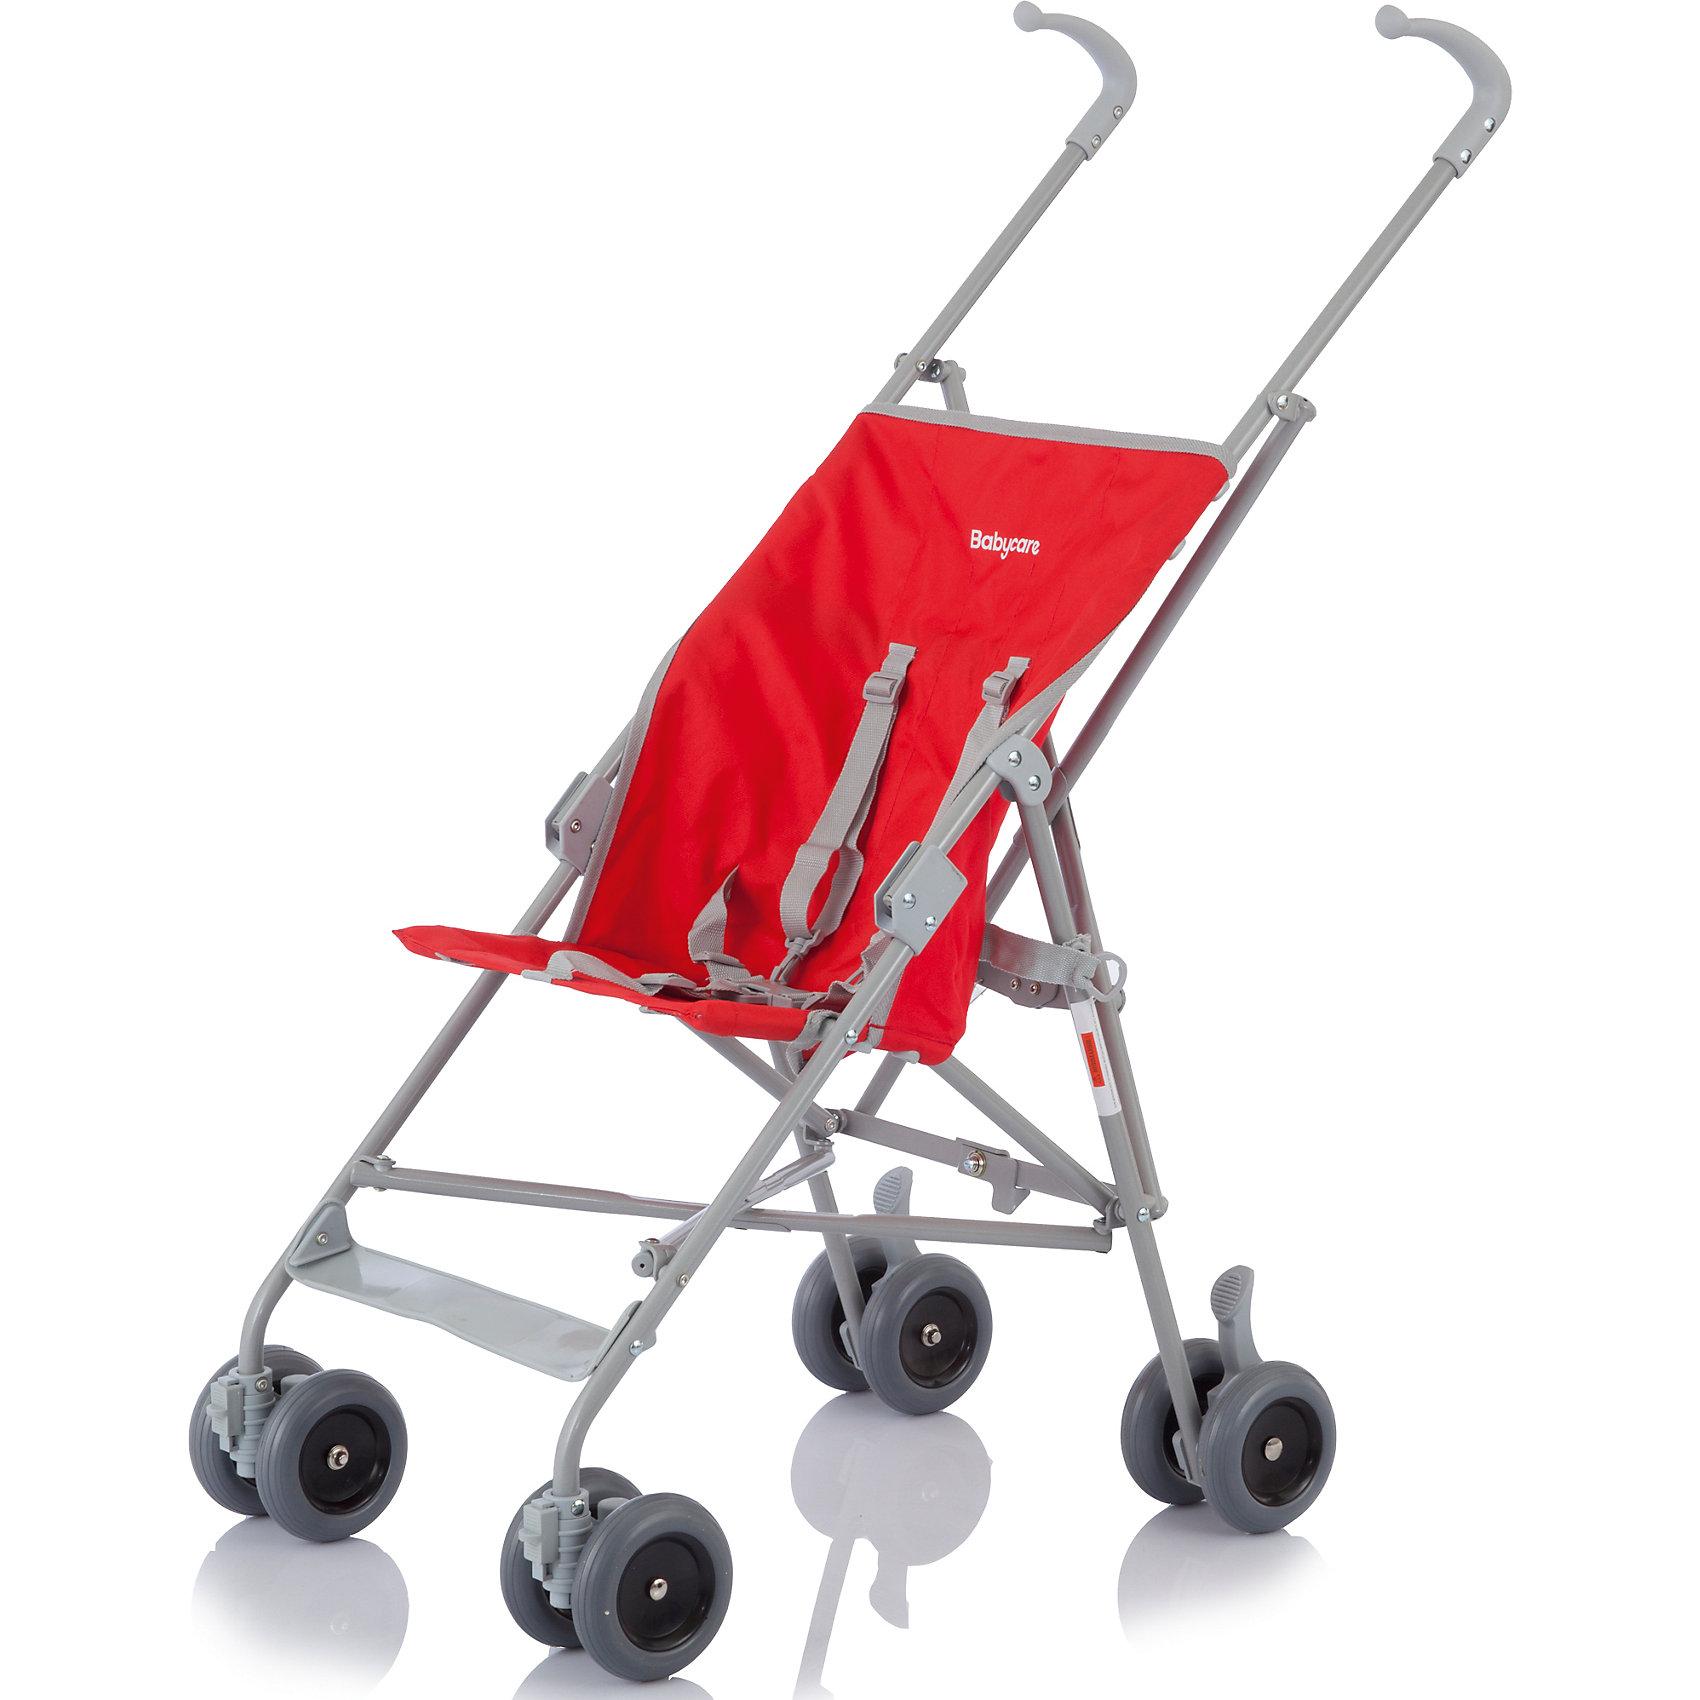 Коляска-трость Buggy B01, Baby Care, красныйBaby Care Buggy B01 – легкая компактная коляска идеально подходящая для прогулок, походов по магазинам, активного отдыха и путешествий. Сдвоенные колеса из пеноплена (искусственно вспененная резина) обеспечивают  плавный ход и превосходную маневренность. Передние поворотные колеса, при необходимости, можно зафиксировать. Небольшая ширина колесной базы позволяет коляске с легкостью проходить во все дверные проемы и лифты. Модель имеет 5 - титочечные ремни для комфорта и безопасности вашего малыша. Коляска очень компактно складывается, удобна в транспортировке и хранении. <br><br>Дополнительная информация:<br><br>- Механизм складывания: трость.<br>- Материал: металл, пластик, текстиль, резина.<br>- Размер: 44х85х85 см.<br>- Размер колесной базы: 40 см.<br>- Ширина сиденья: 29 см.<br>- Вес: 3,8 кг.<br>- Количество колес: 4 (сдвоенные).<br>- Диаметр колес: 10 см.<br>- Цвет: красный.<br>- Передние колеса поворотные, с возможностью блокировки.<br>- Стояночный тормоз.<br>- 5-ти точечные ремни безопасности.<br><br>Коляска-трость Buggy B01, Baby Care, красную, можно купить в нашем магазине.<br><br>Ширина мм: 1150<br>Глубина мм: 370<br>Высота мм: 400<br>Вес г: 3100<br>Цвет: красный<br>Возраст от месяцев: 6<br>Возраст до месяцев: 36<br>Пол: Унисекс<br>Возраст: Детский<br>SKU: 3995868